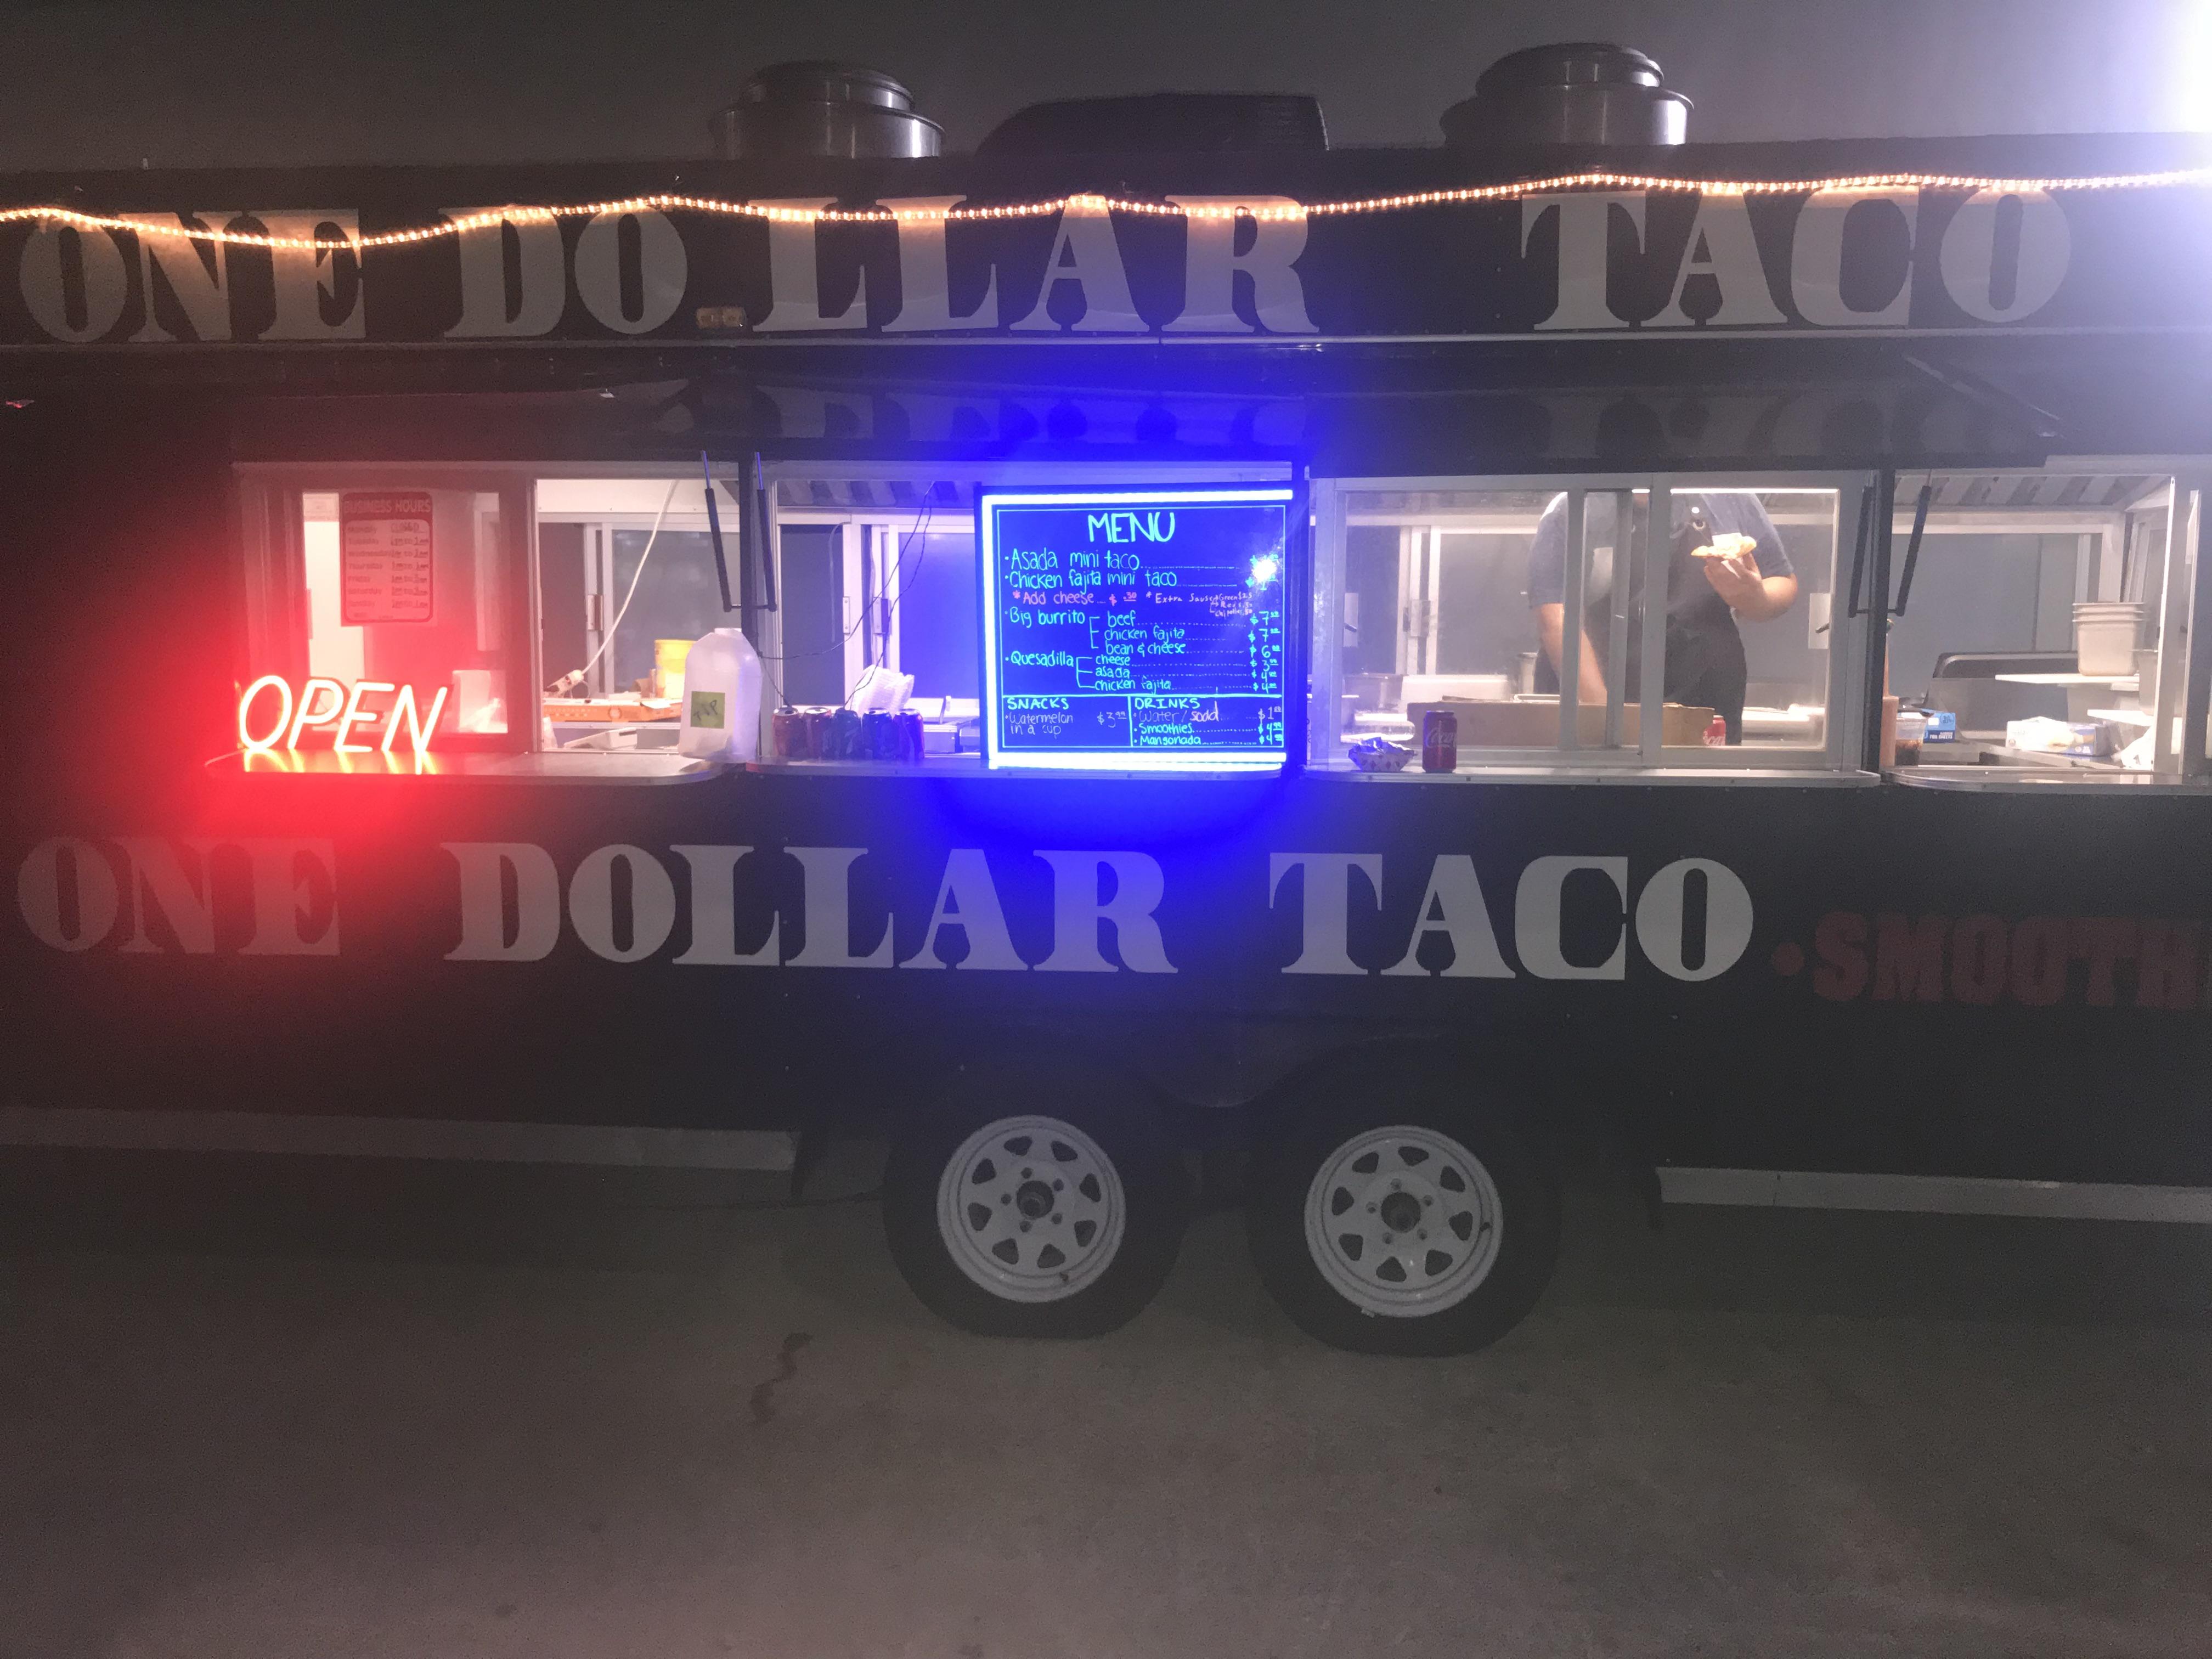 One Dollar Taco truck